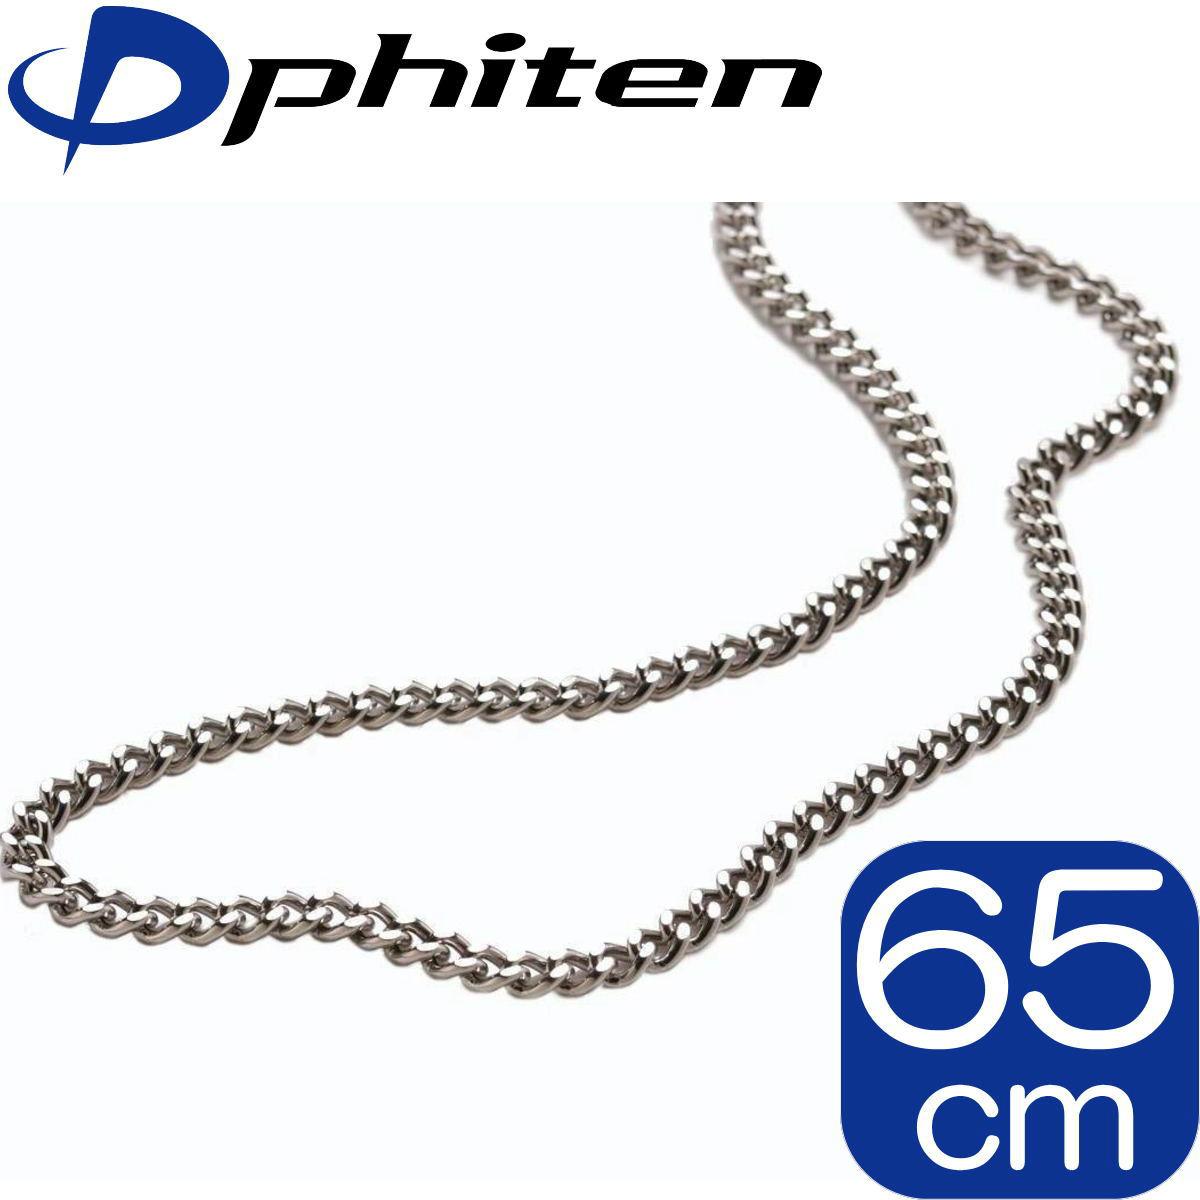 【正規品】 Phiten   チタン チェーンネックレス   65cm   約20g   日本製   0505TC65   ファイテン